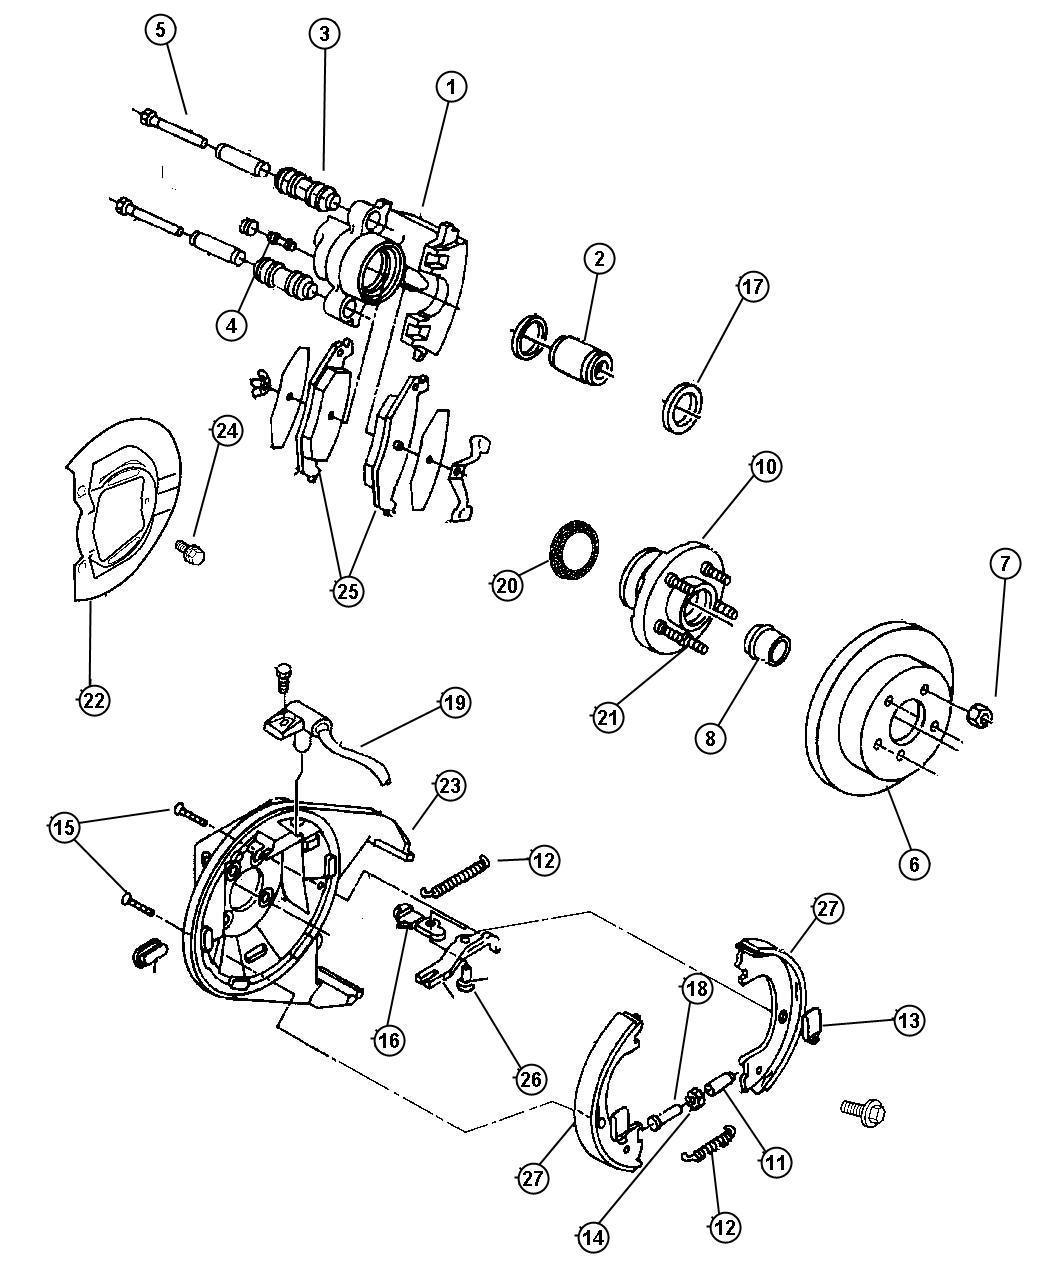 2001 Chrysler Shield. Brake. Left. Perfwheels, brakesall